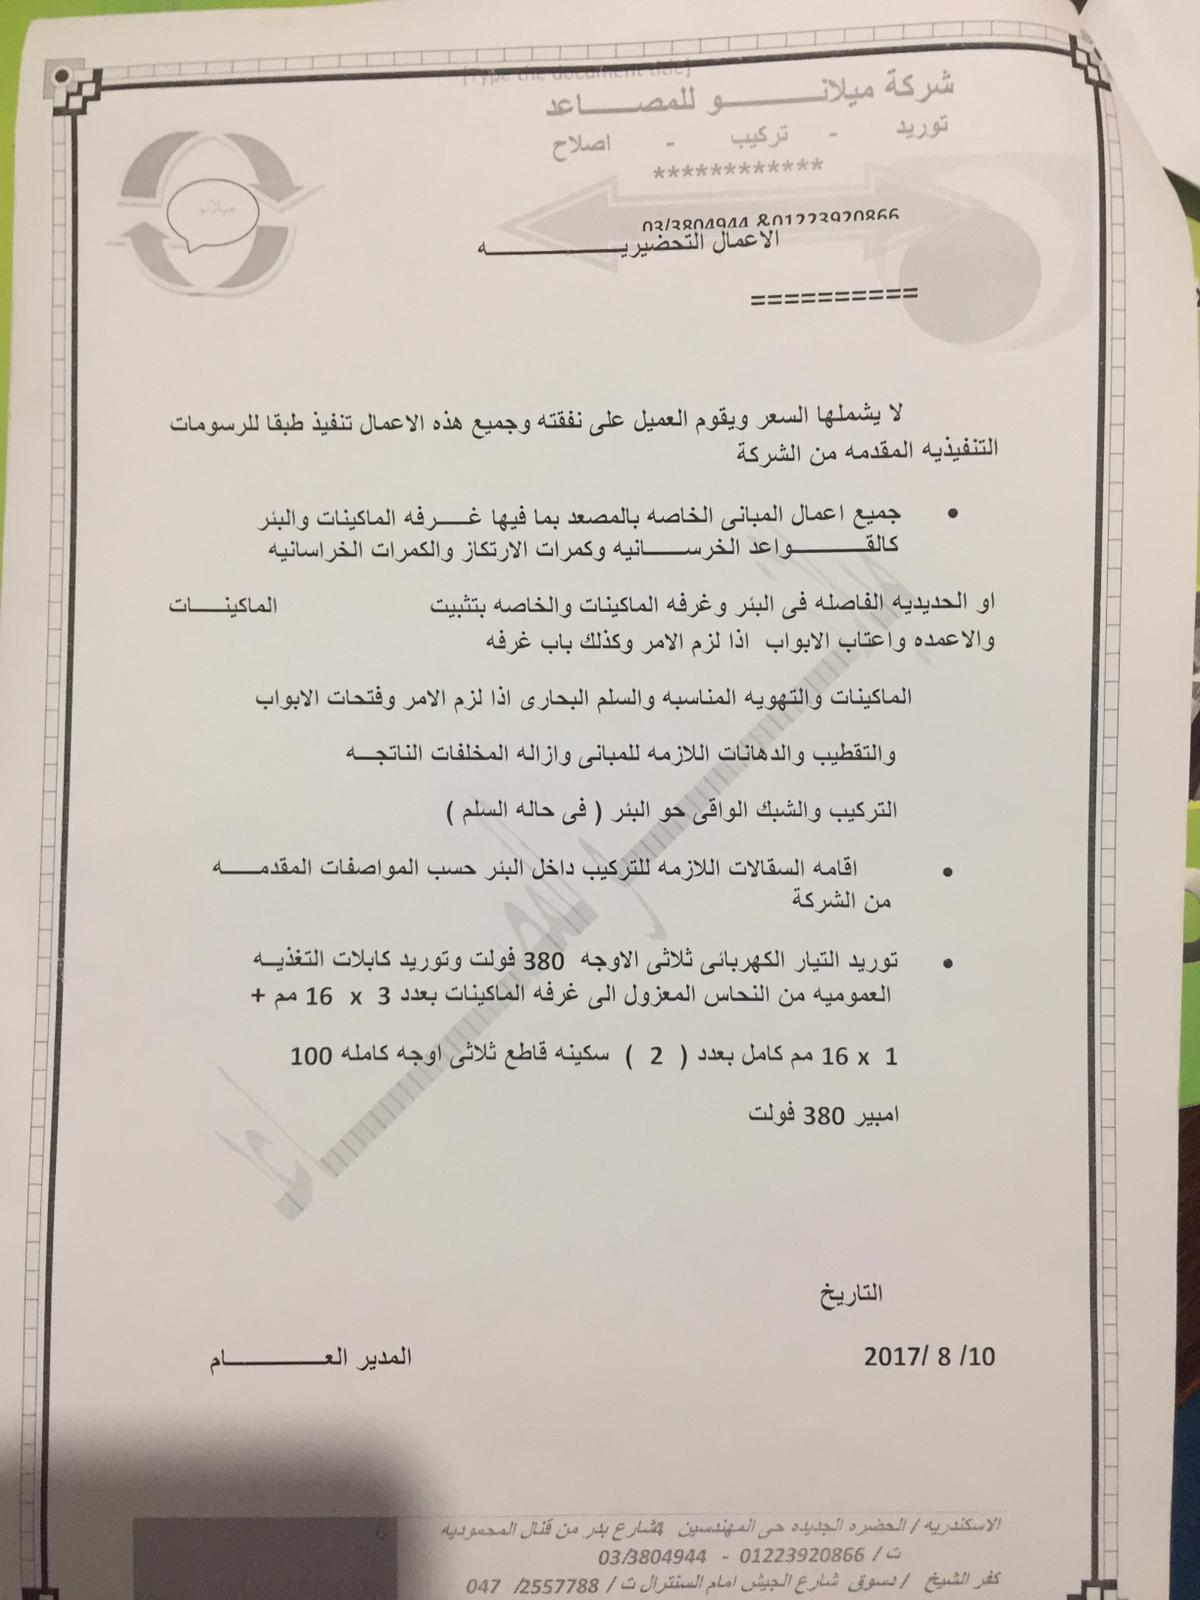 أزمة مشروع سيتي بالاس بالإسكندرية (52)